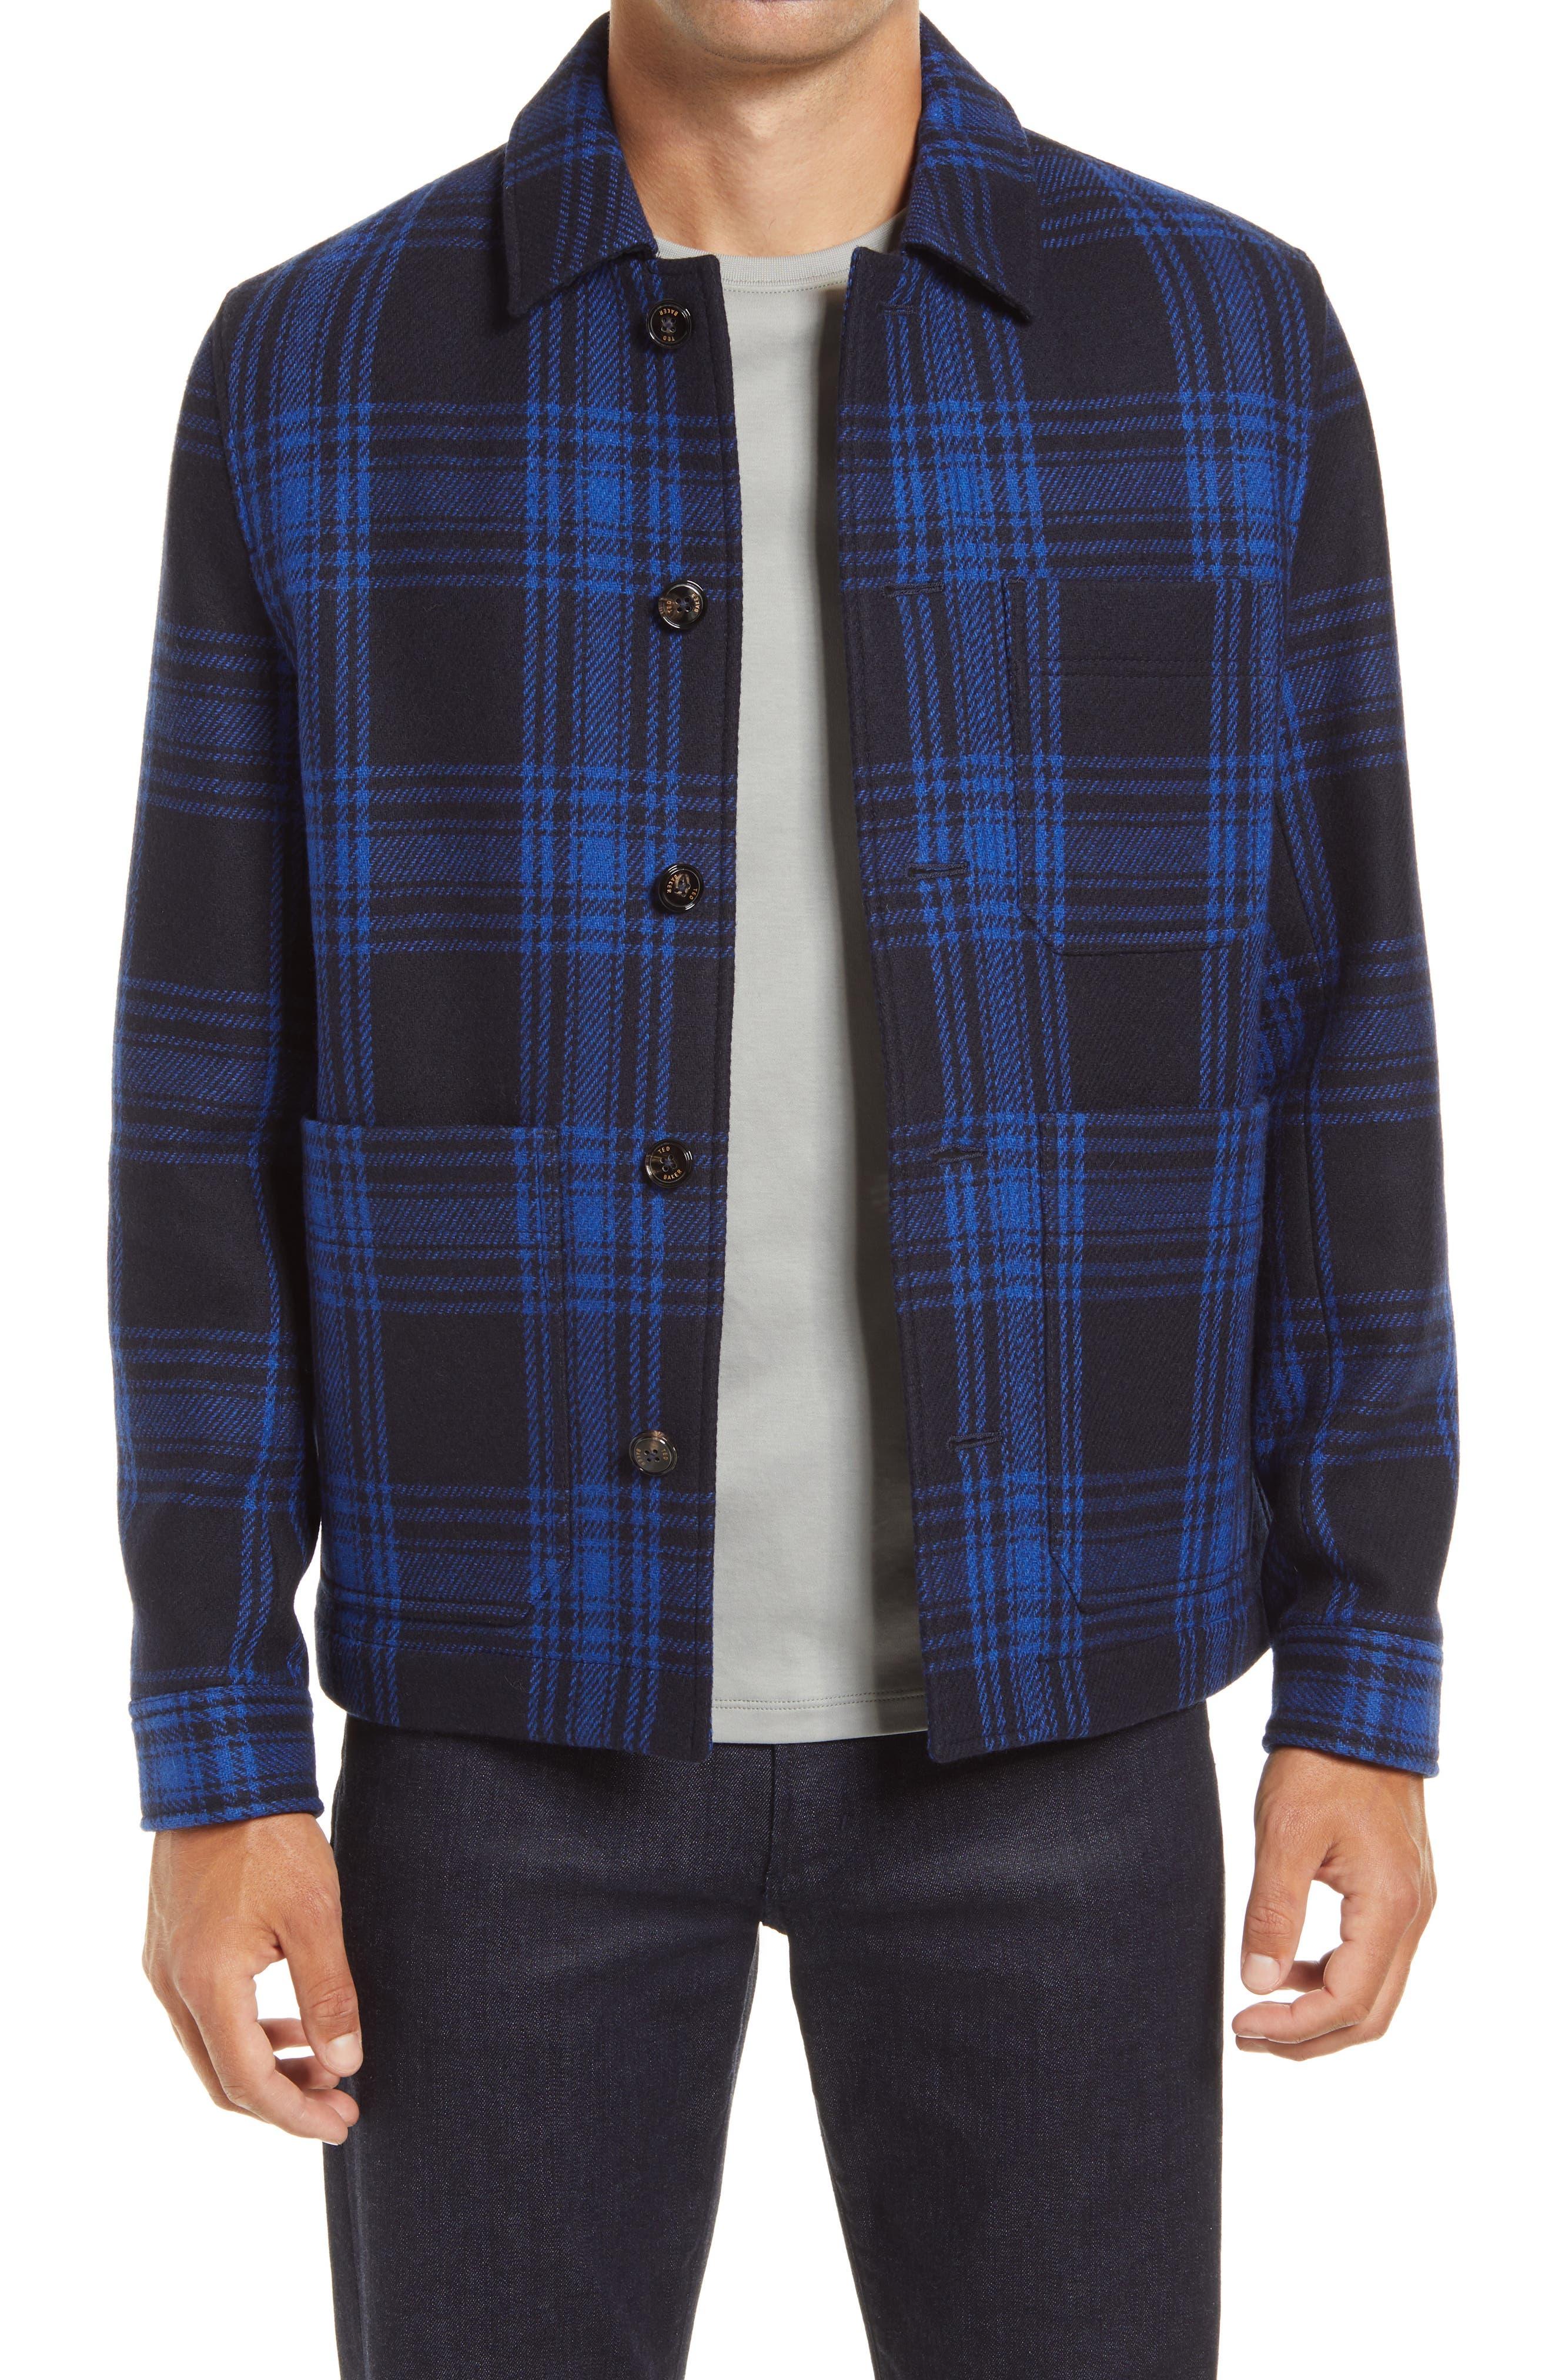 Men's Vintage Jackets & Coats Ted Baker London Rift Plaid Wool Blend Shirt Jacket Size 6xxl - Navy at Nordstrom Rack $134.97 AT vintagedancer.com